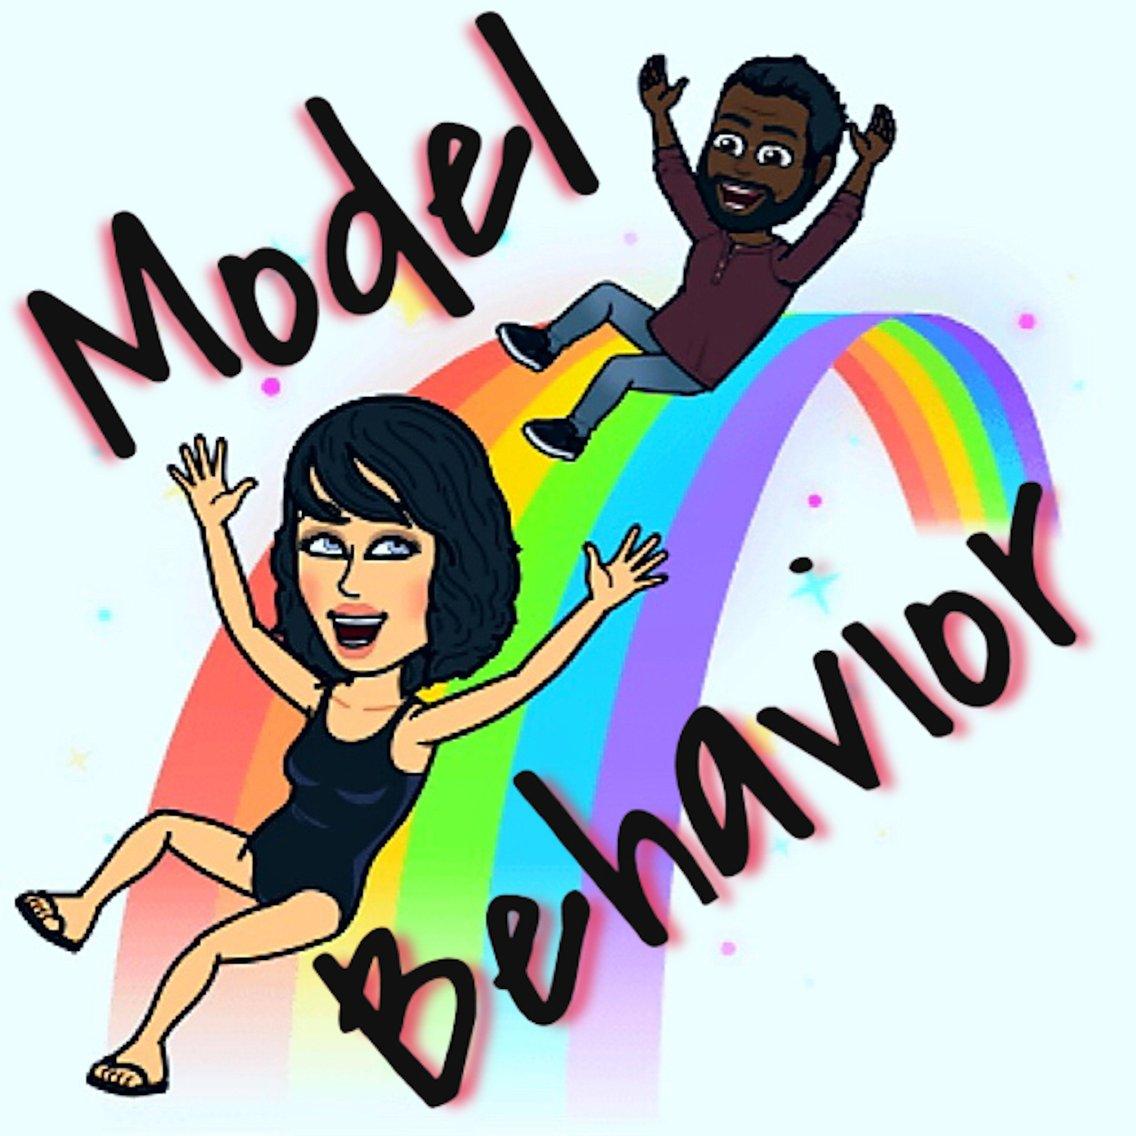 Model Behavior - Cover Image